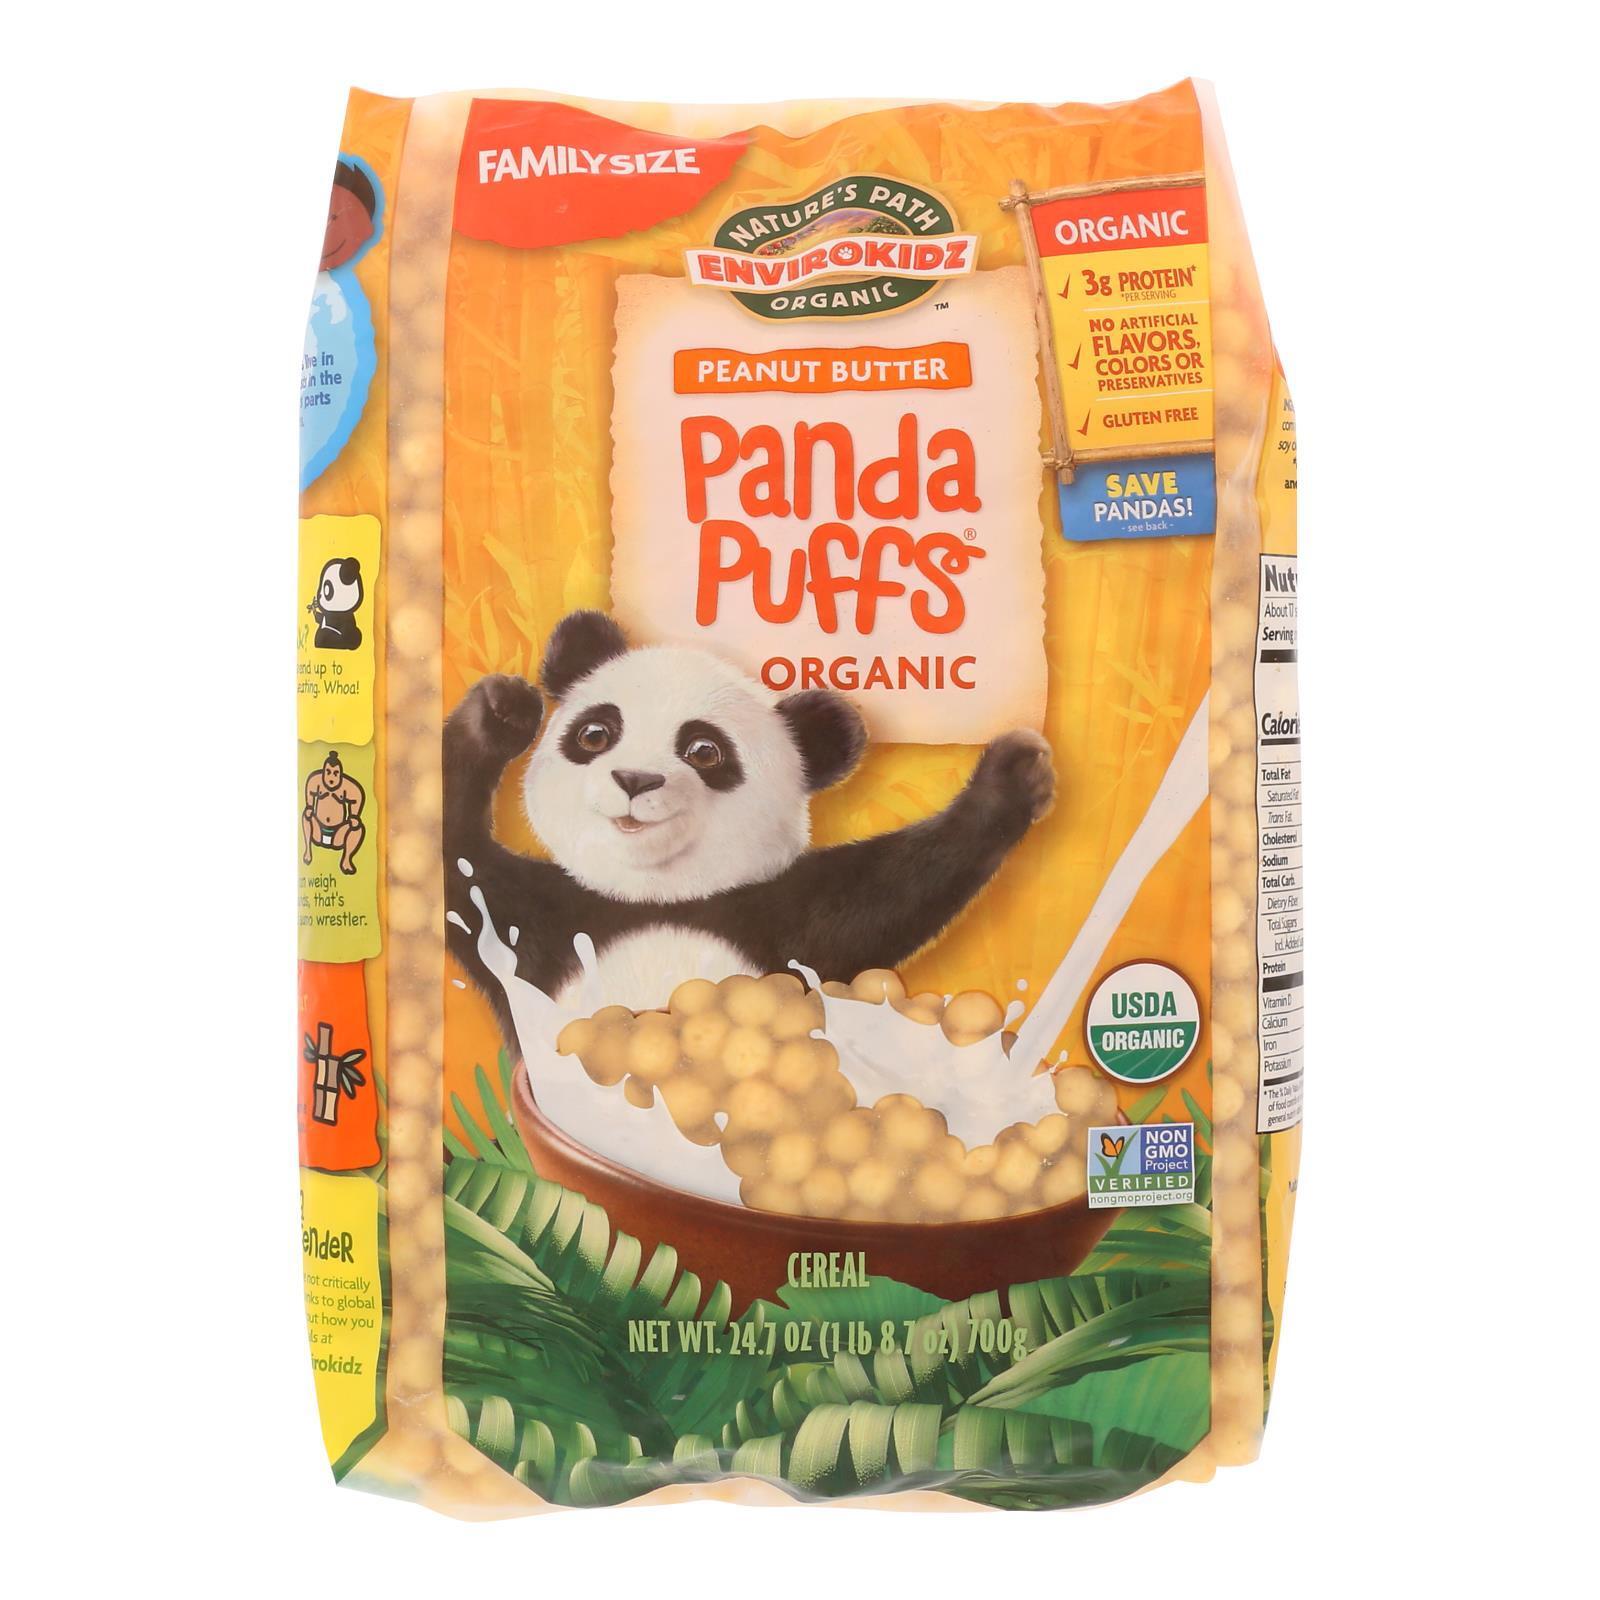 Envirokidz Panda Puffs Cereal - Peanut Butter - Case of 6 - 24.7 oz.